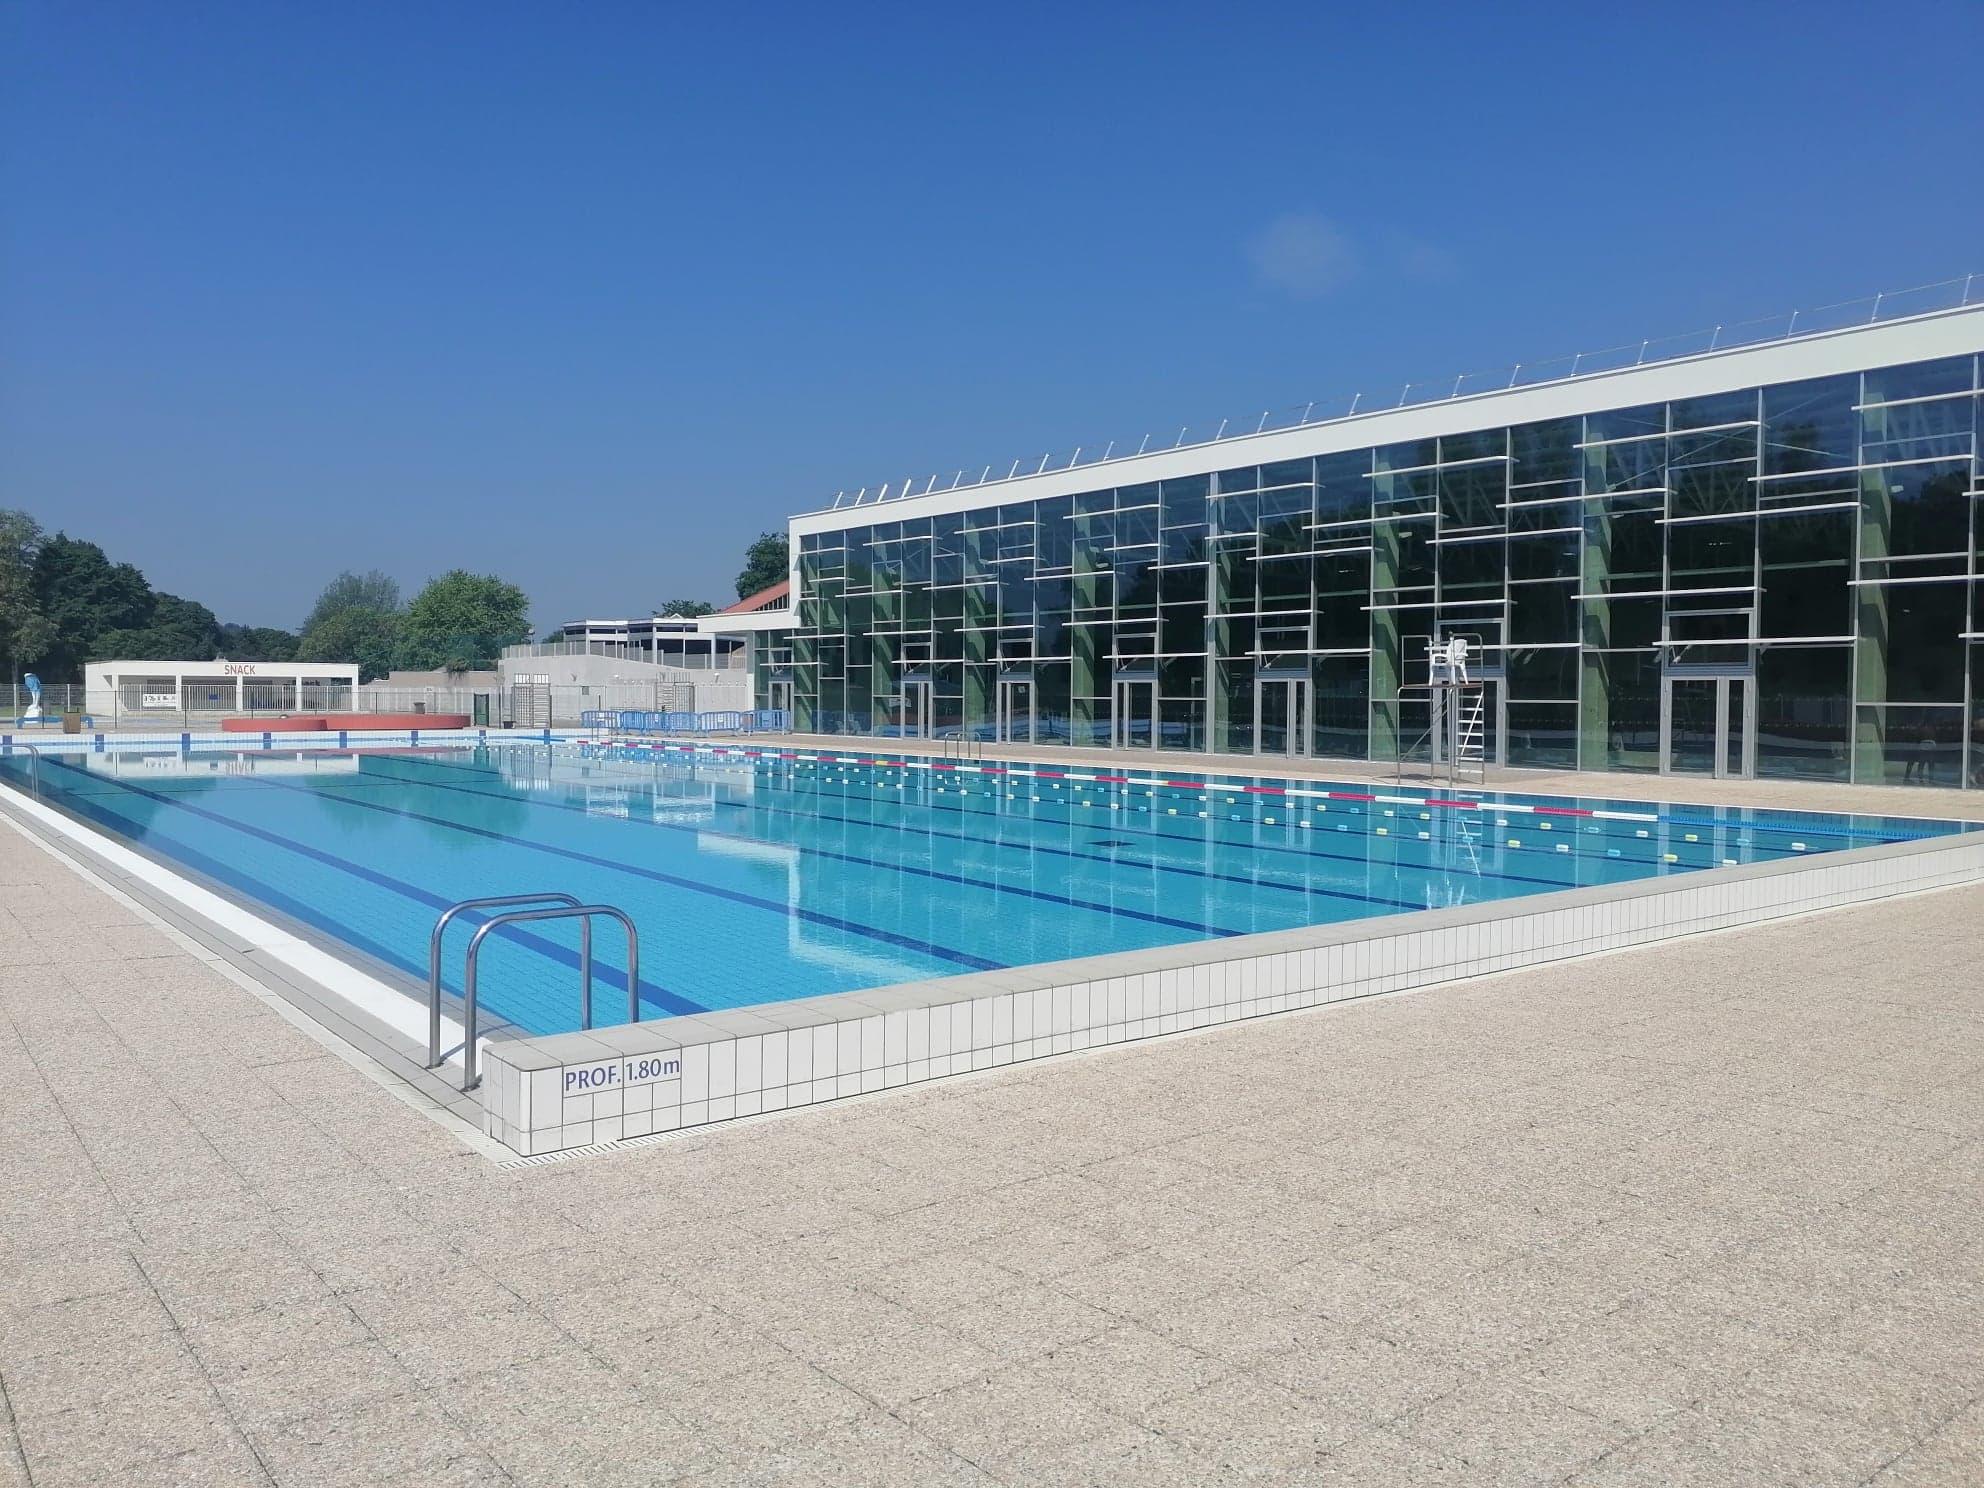 piscine Parc (Eva Chibane)